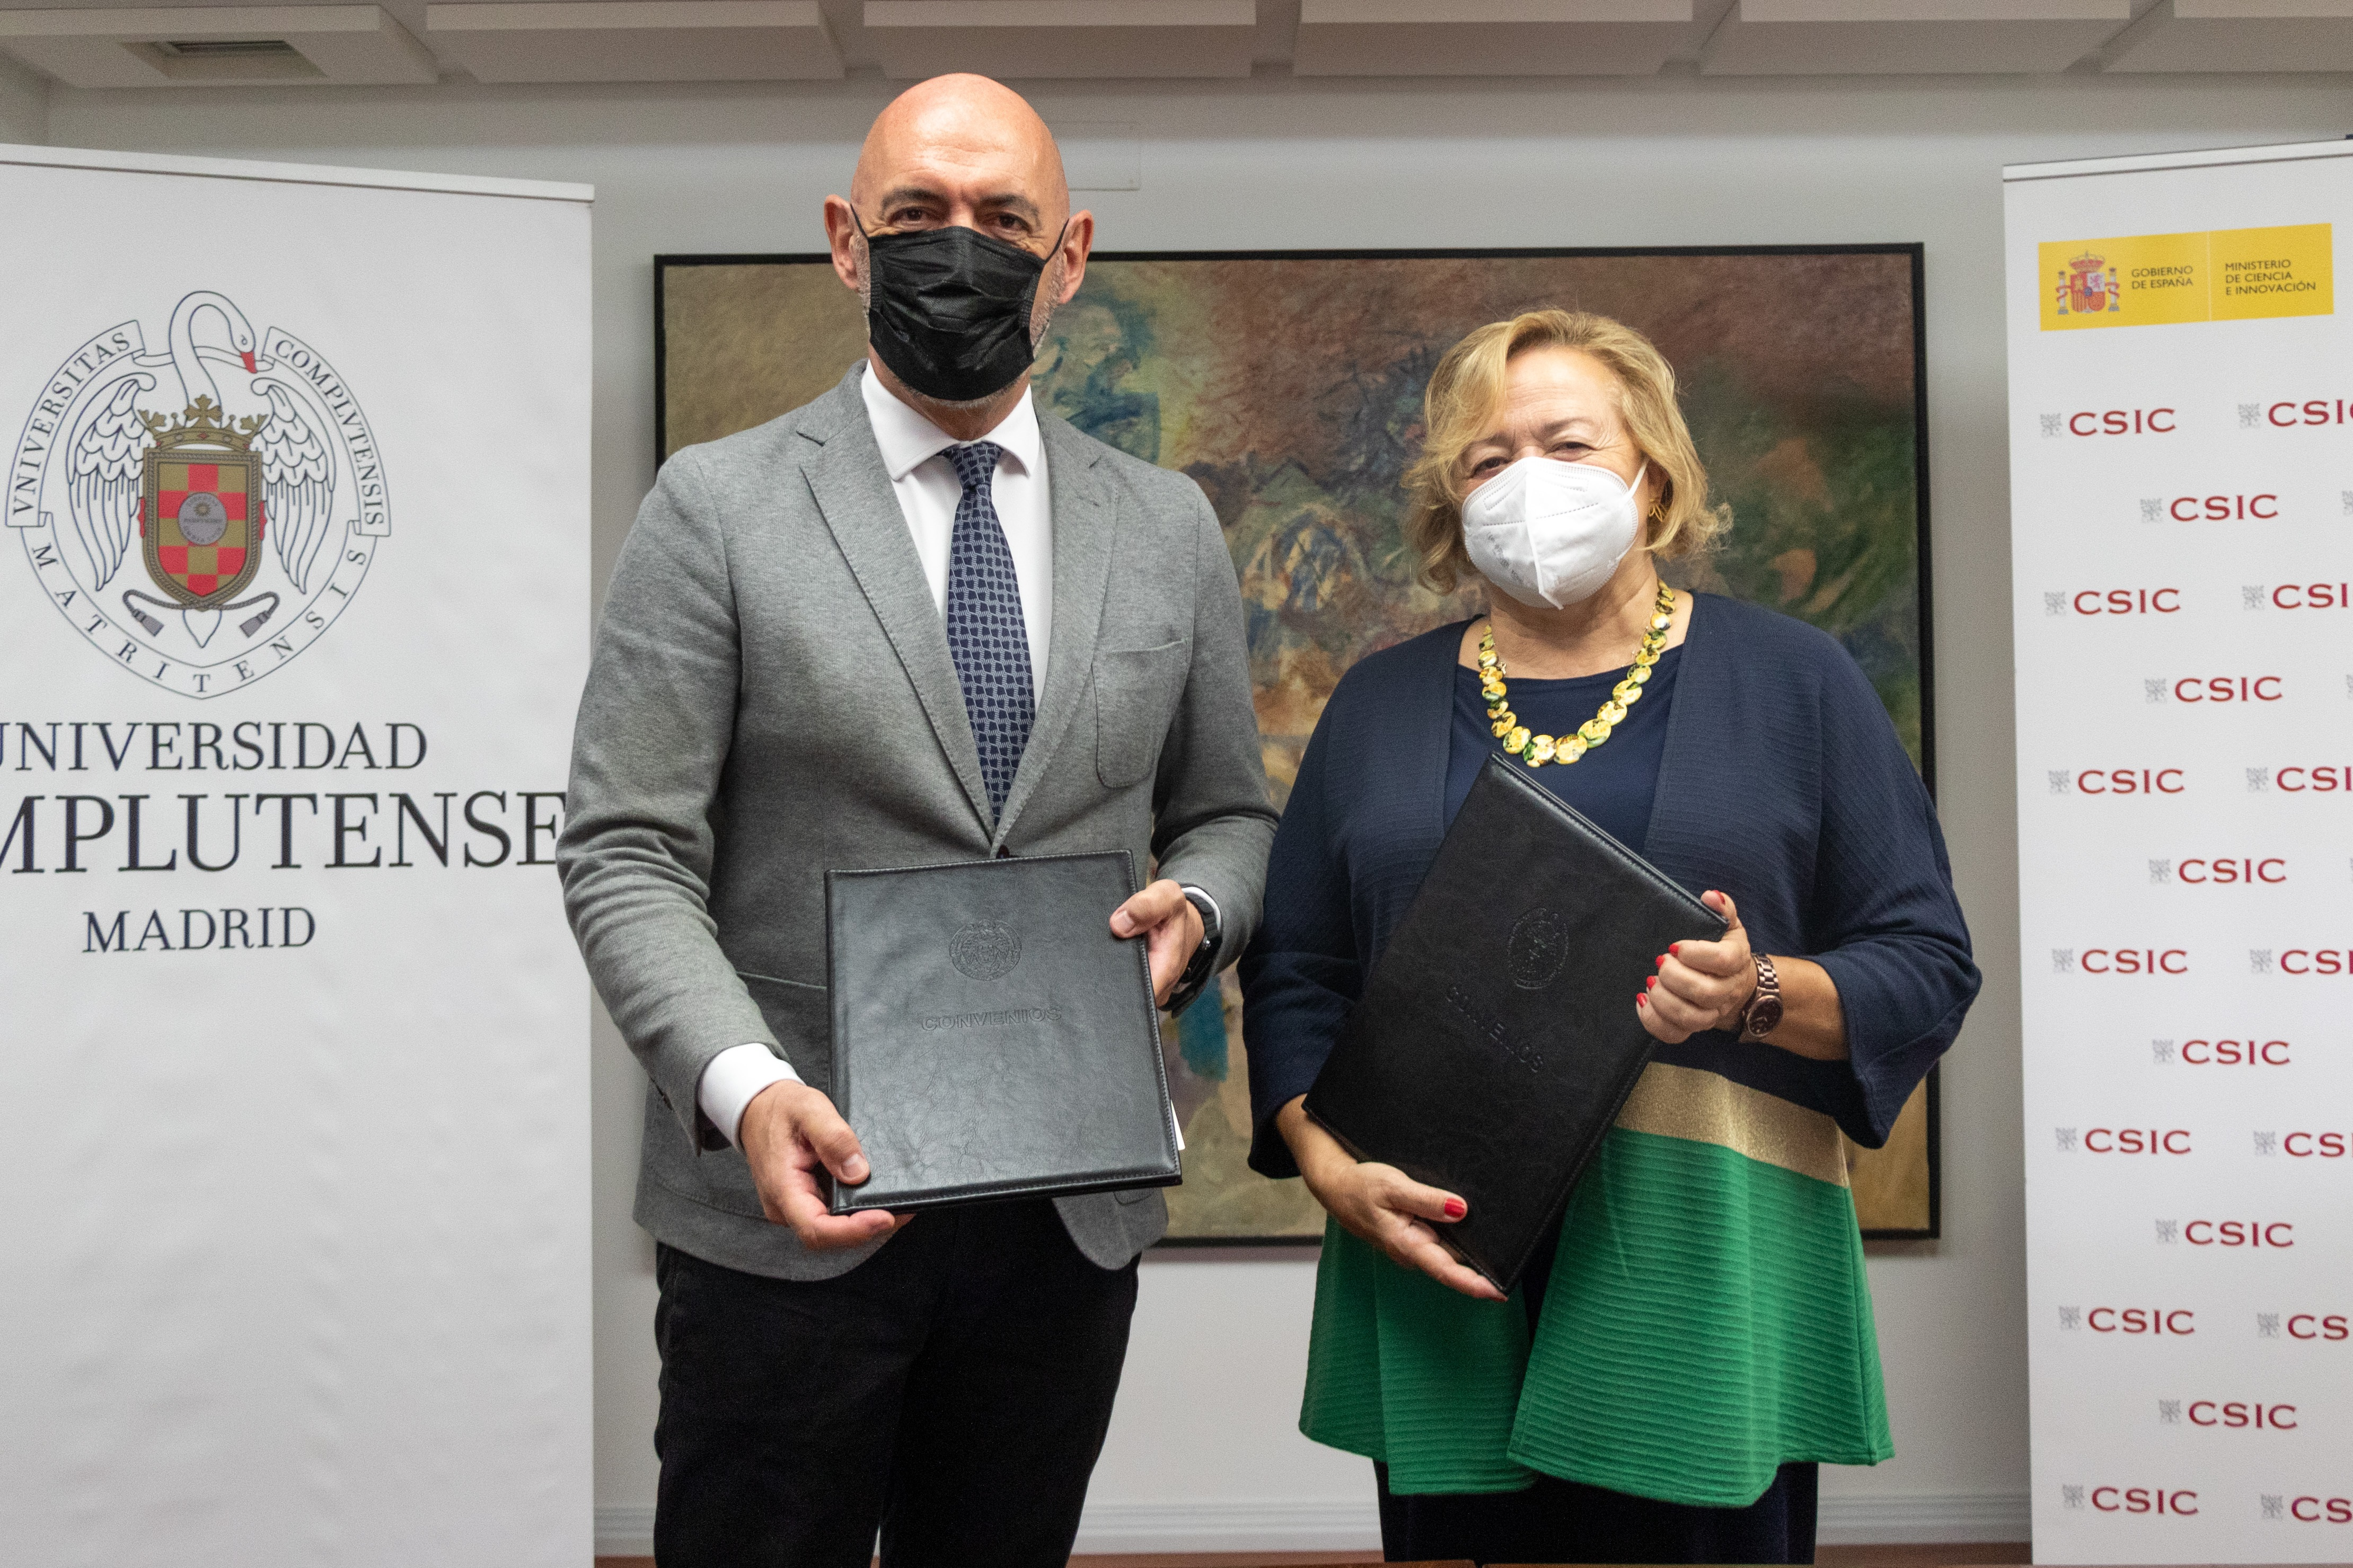 imagen de El rector de la UCM, Joaquín Goyache, y la presidenta del CSIC, Rosa Menéndez, durante el acto de este jueves./ Comunicación UCM